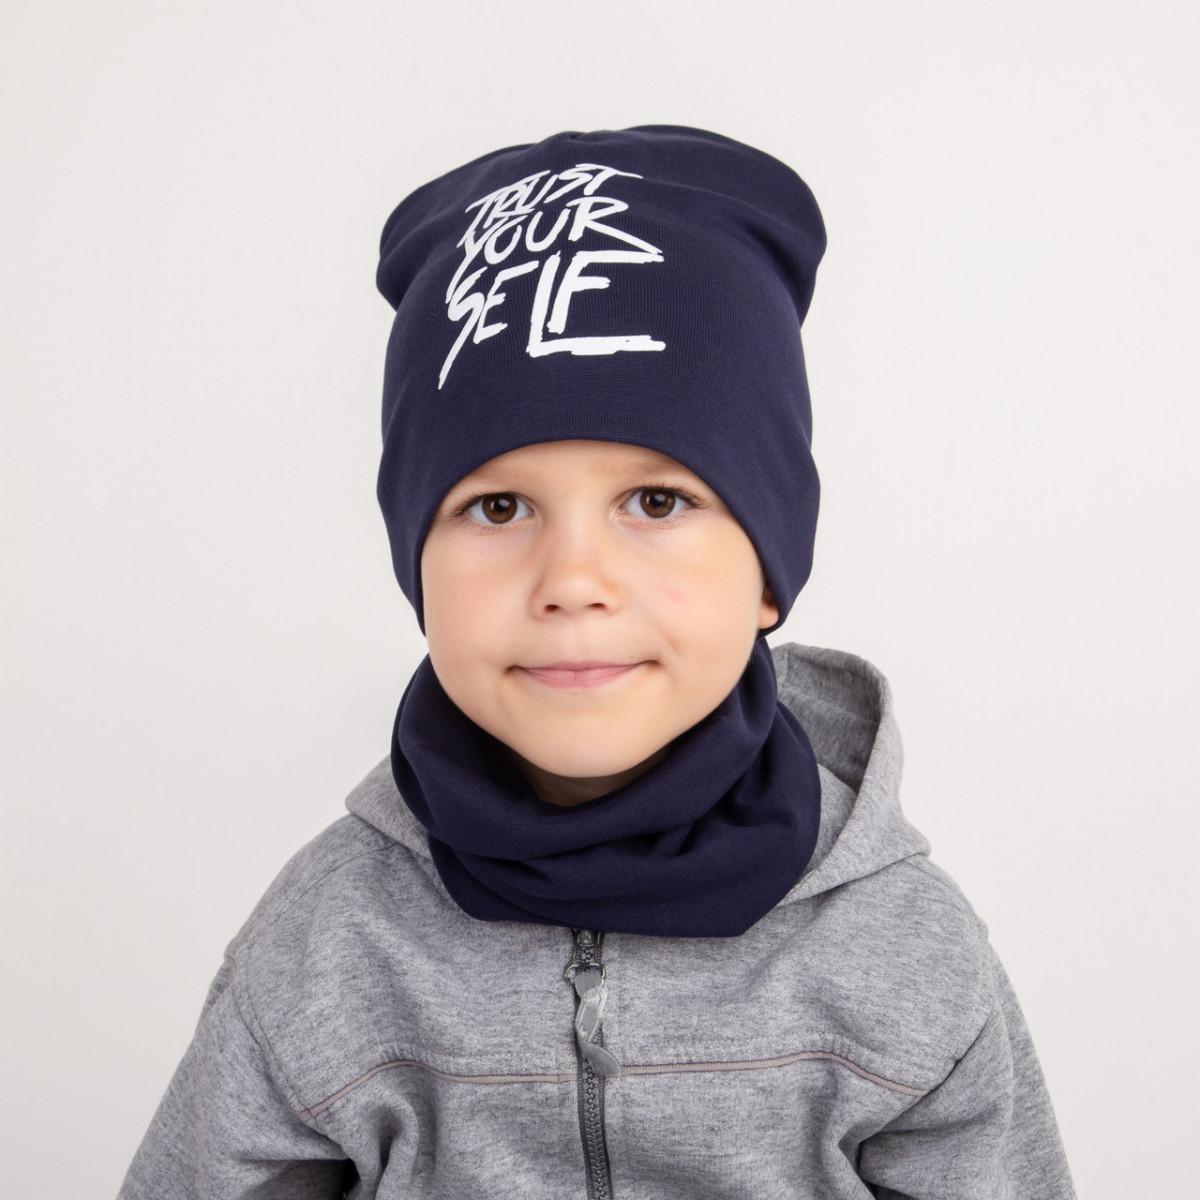 Хлопковый комплект для мальчика на весну-осень - Trust - Артикул 2309